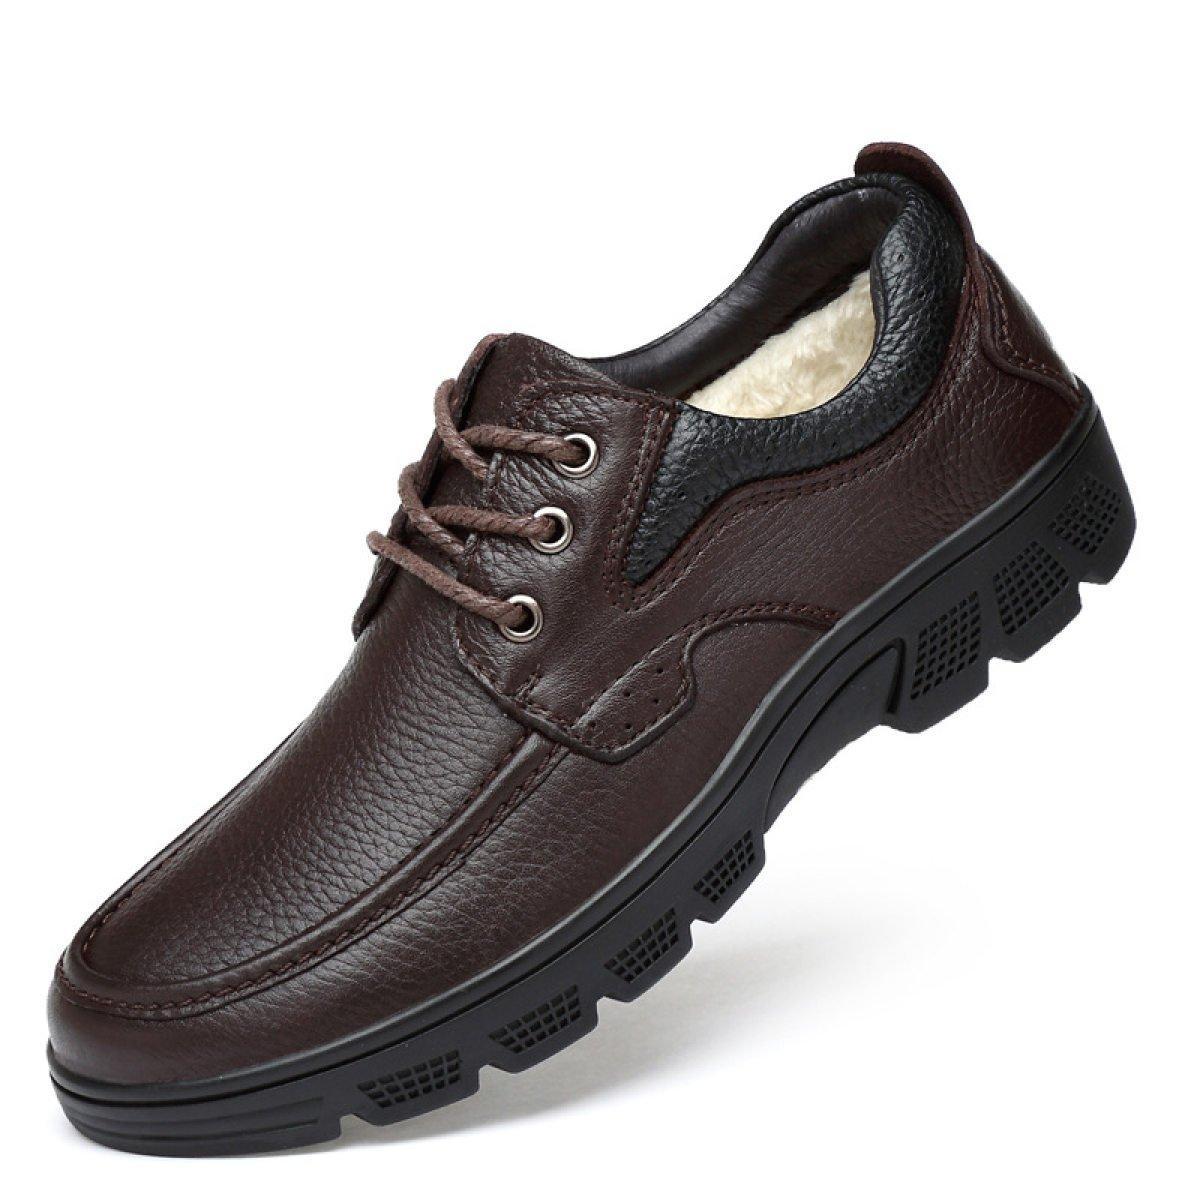 Gran Los Hombres Calientes De Cuero Calientan Los Zapatos De Los Hombres Del Algodón De Los Zapatos En Los Zapatos Mayores Del Papá 36 Brown